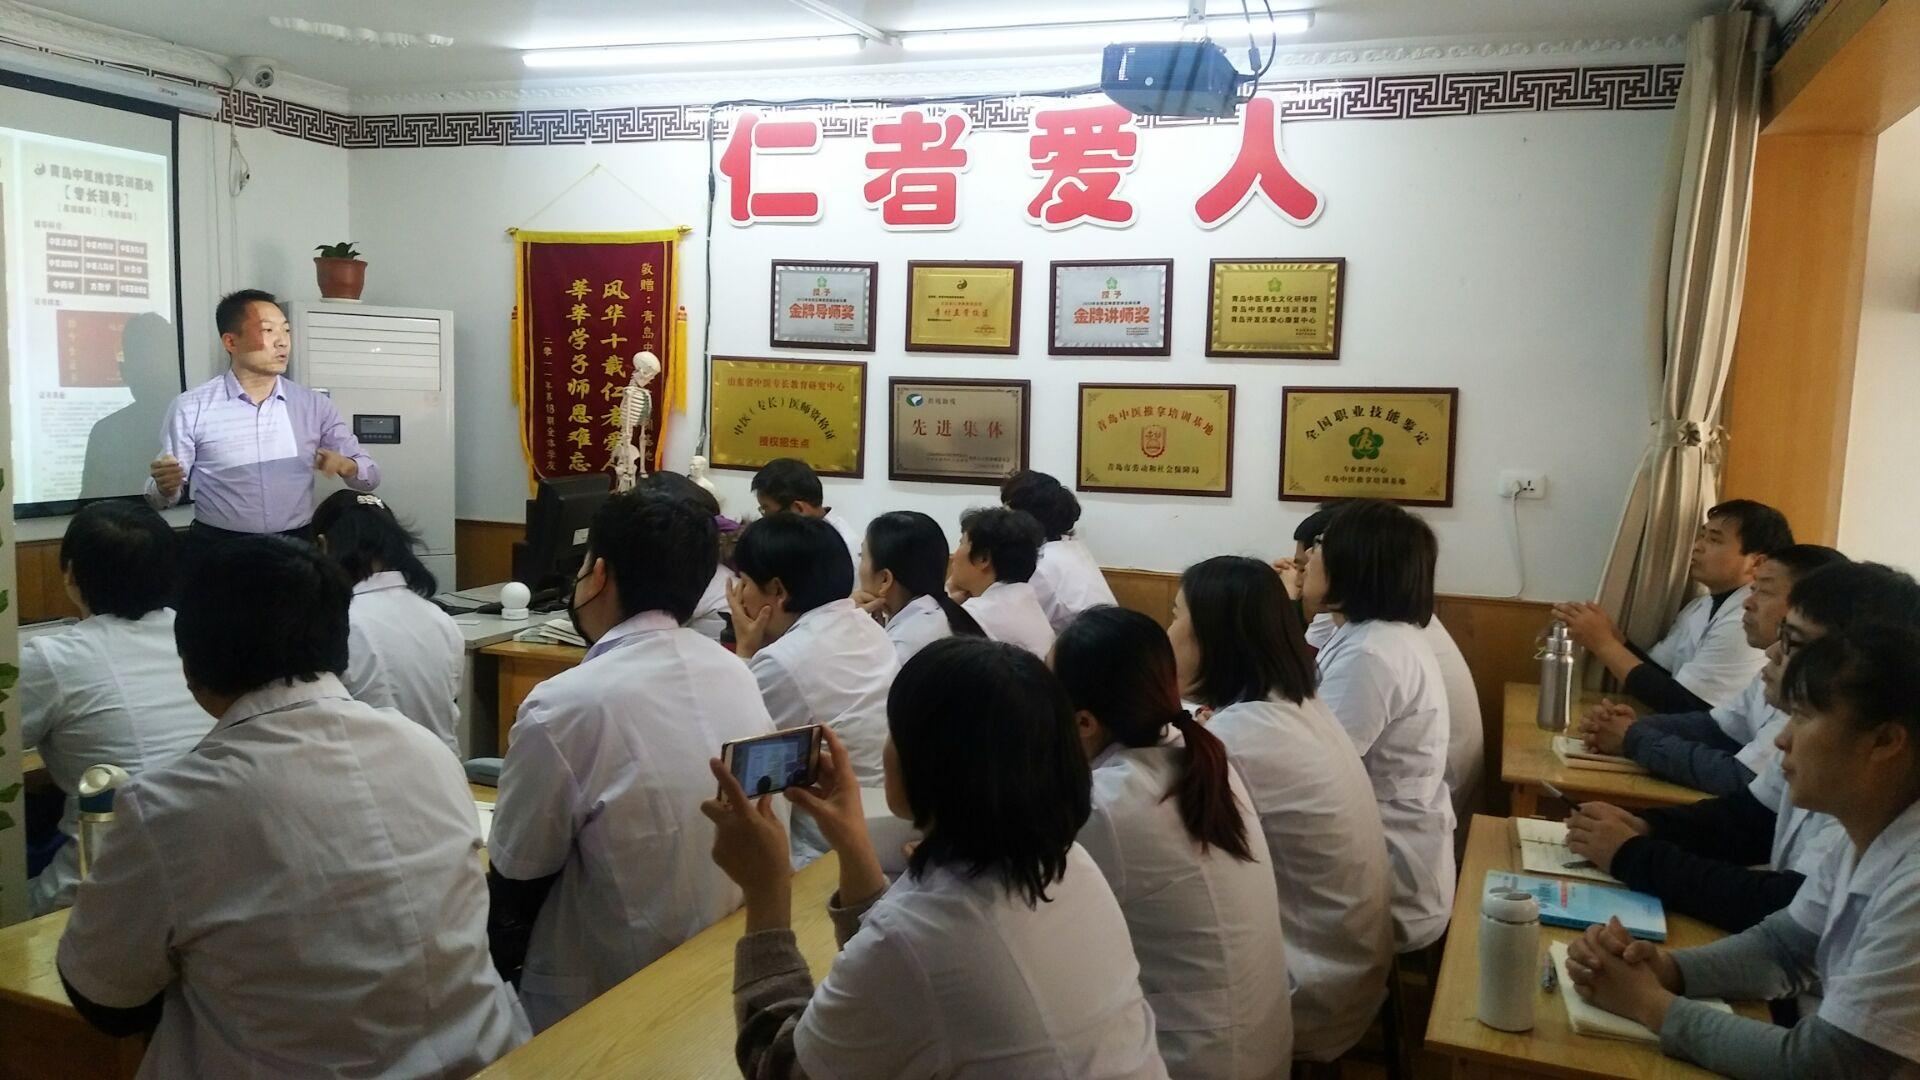 中医正规推拿培训学校